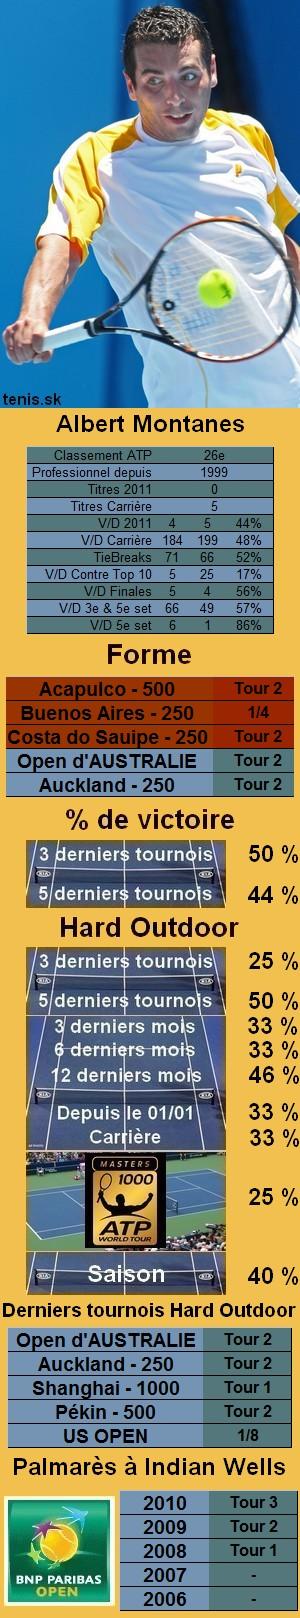 Les statistiques tennis de Albert Montanes pour le tournoi de Indian Wells